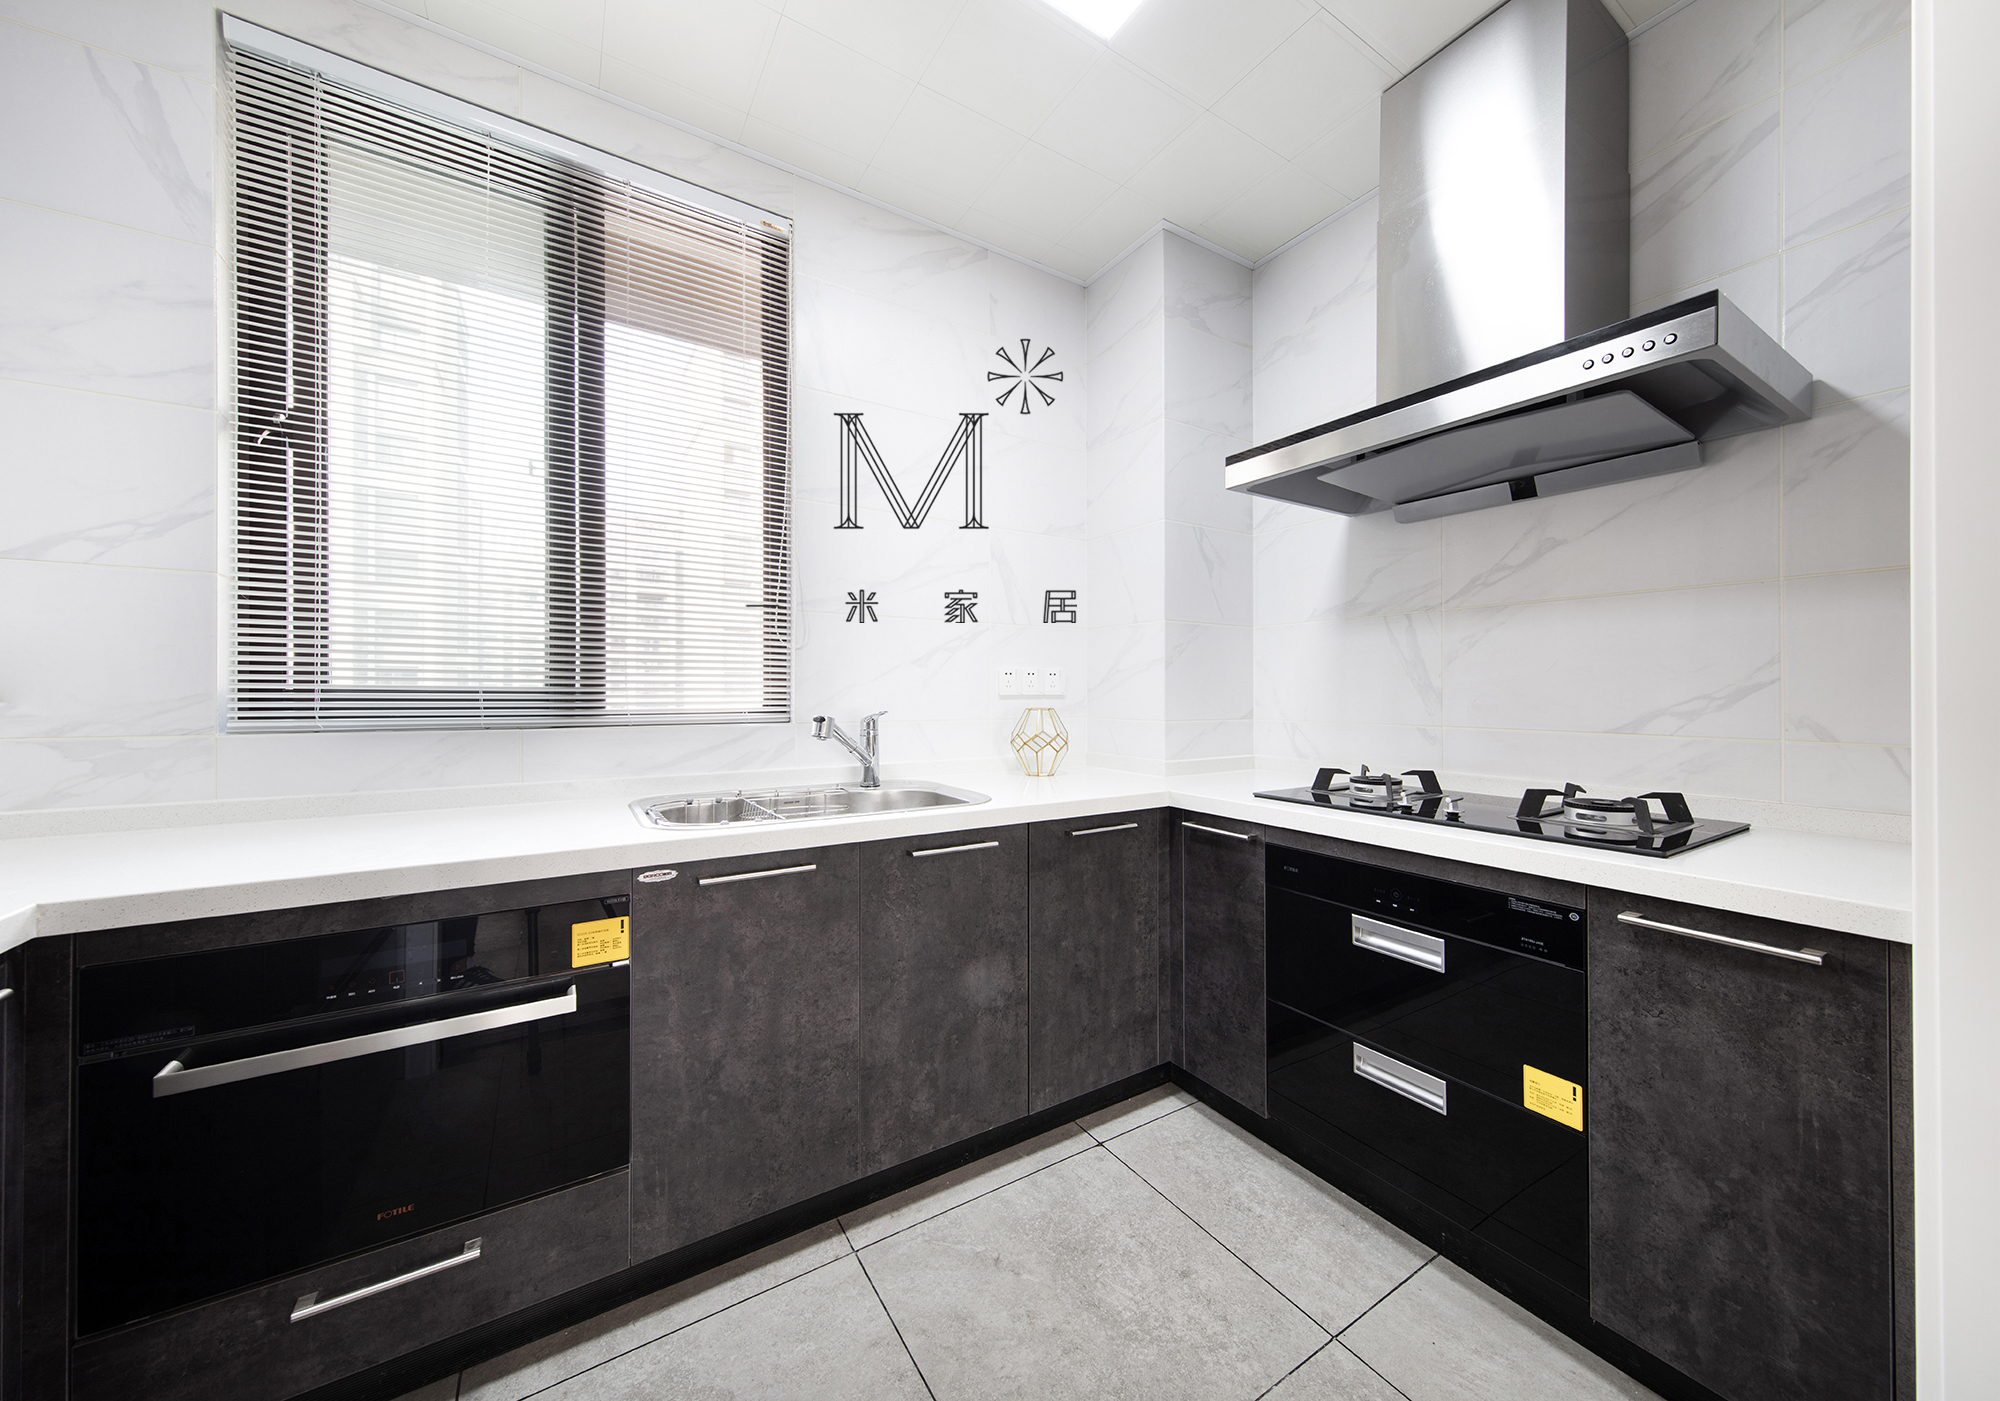 温馨119平宜家三居效果图片大全餐厅橱柜现代简约厨房设计图片赏析